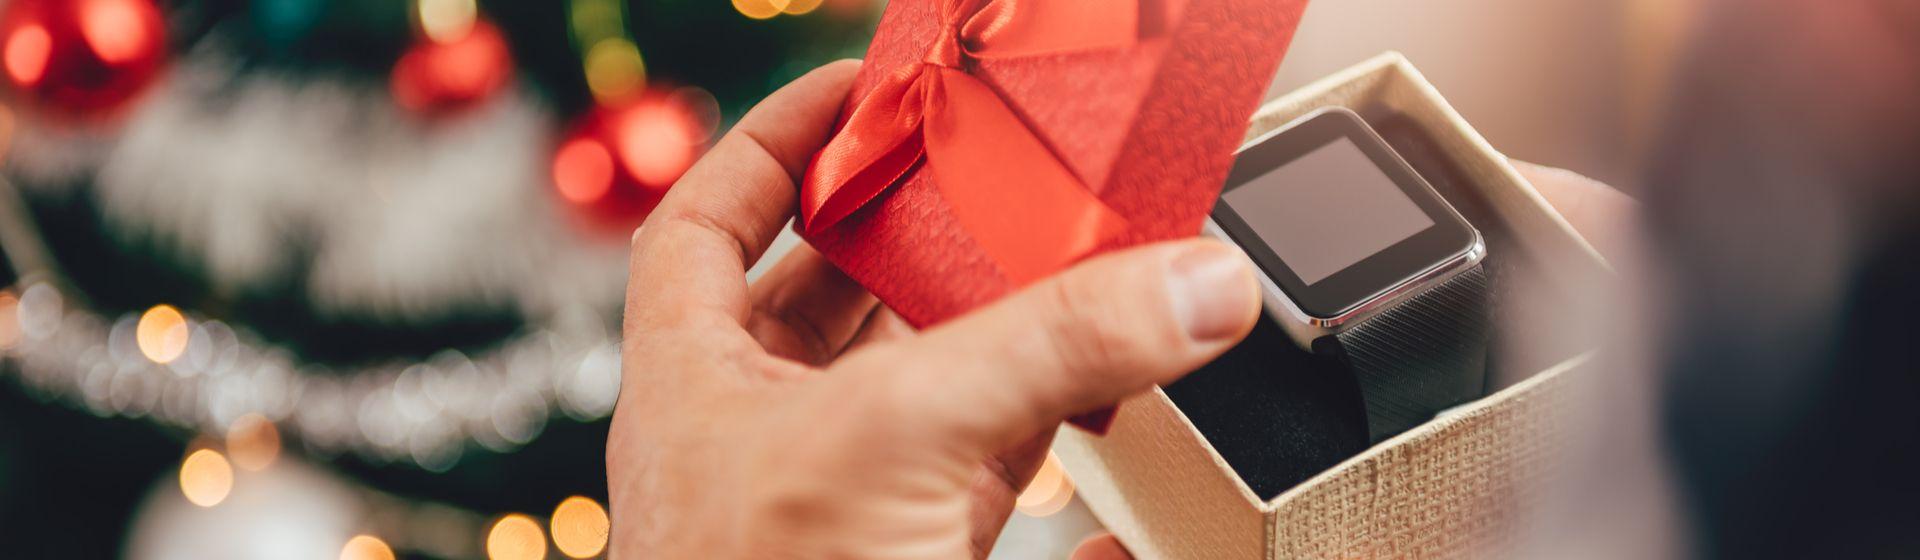 Smartwatches e smartbands até 500 reais: 5 modelos para presentear nesse Natal